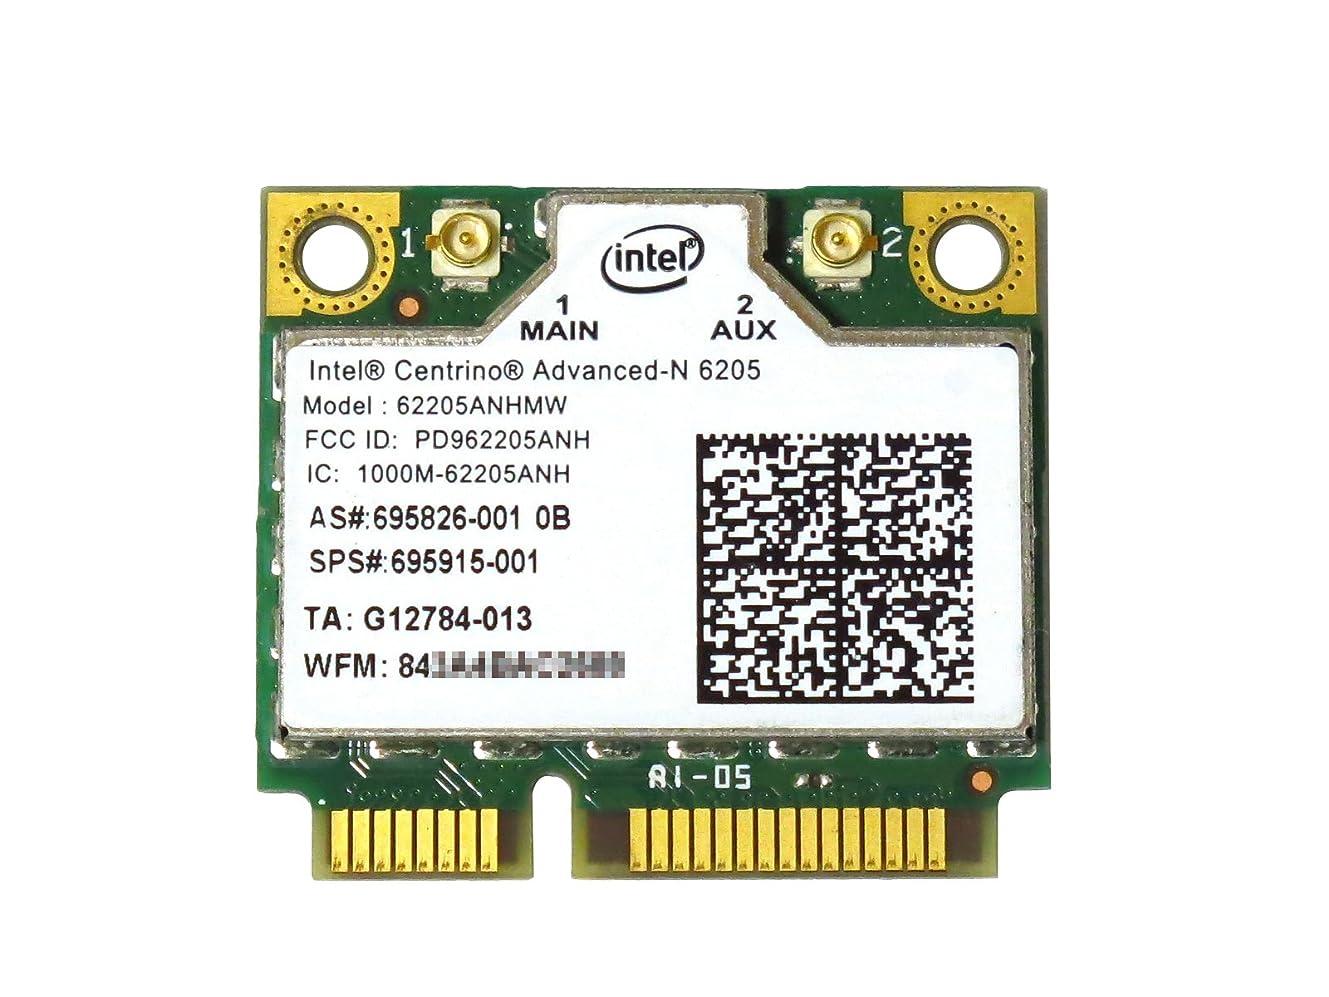 メリー不均一潜在的なHP 695915-001 Intel Centrino Advanced-N 6205 62205ANHMW 802.11a/b/g/n 300Mbps 2X2 HMC 無線LANカード